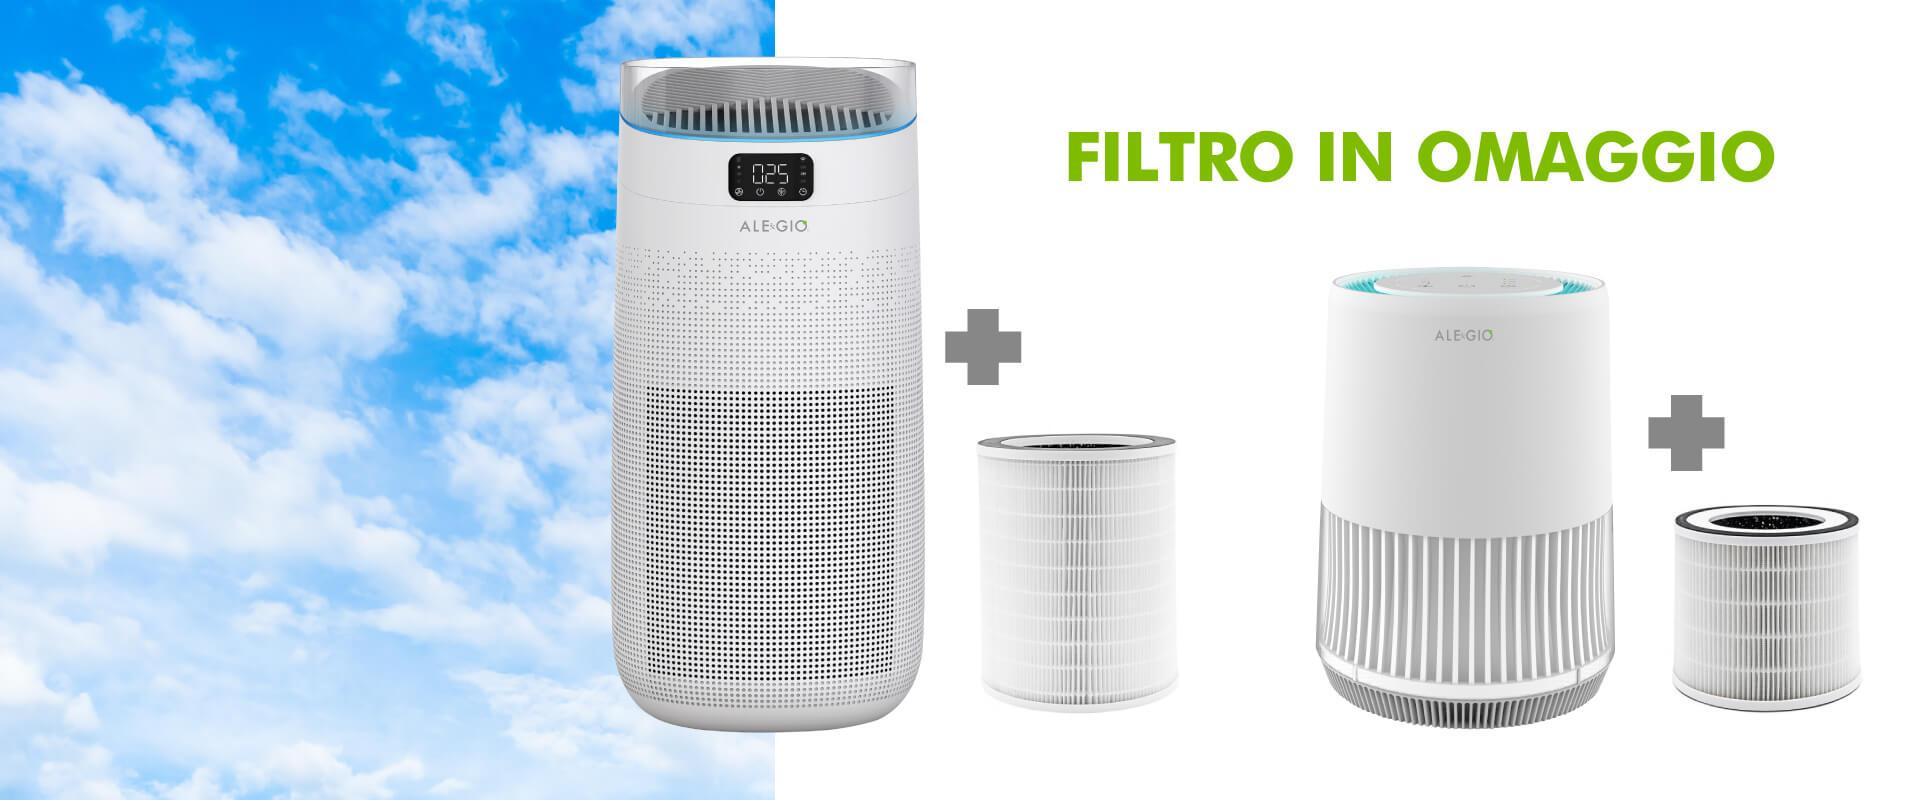 filtro purificatore aria omaggio